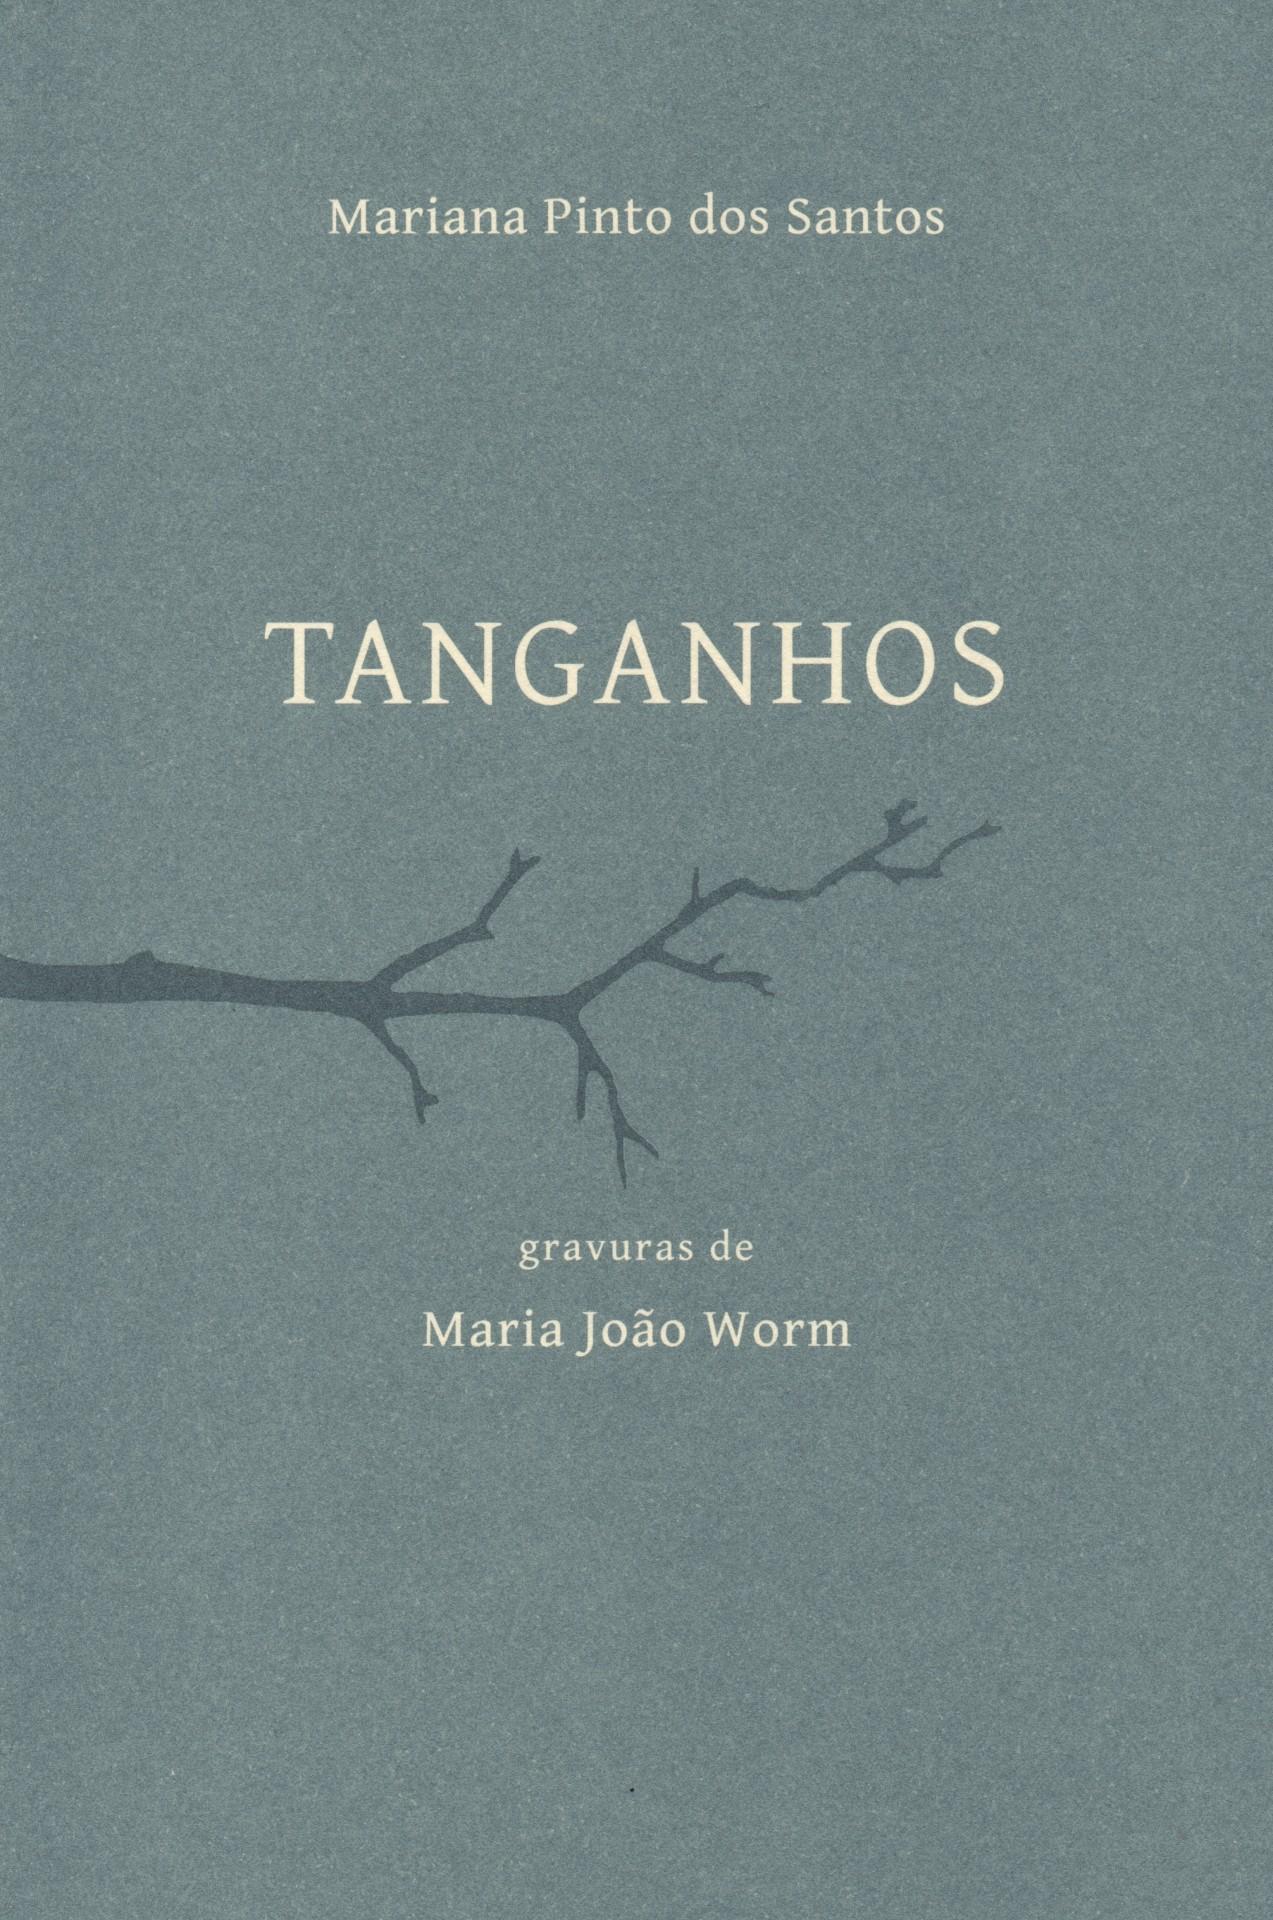 Tanganhos, Mariana Pinto dos Santos e Maria João Worm